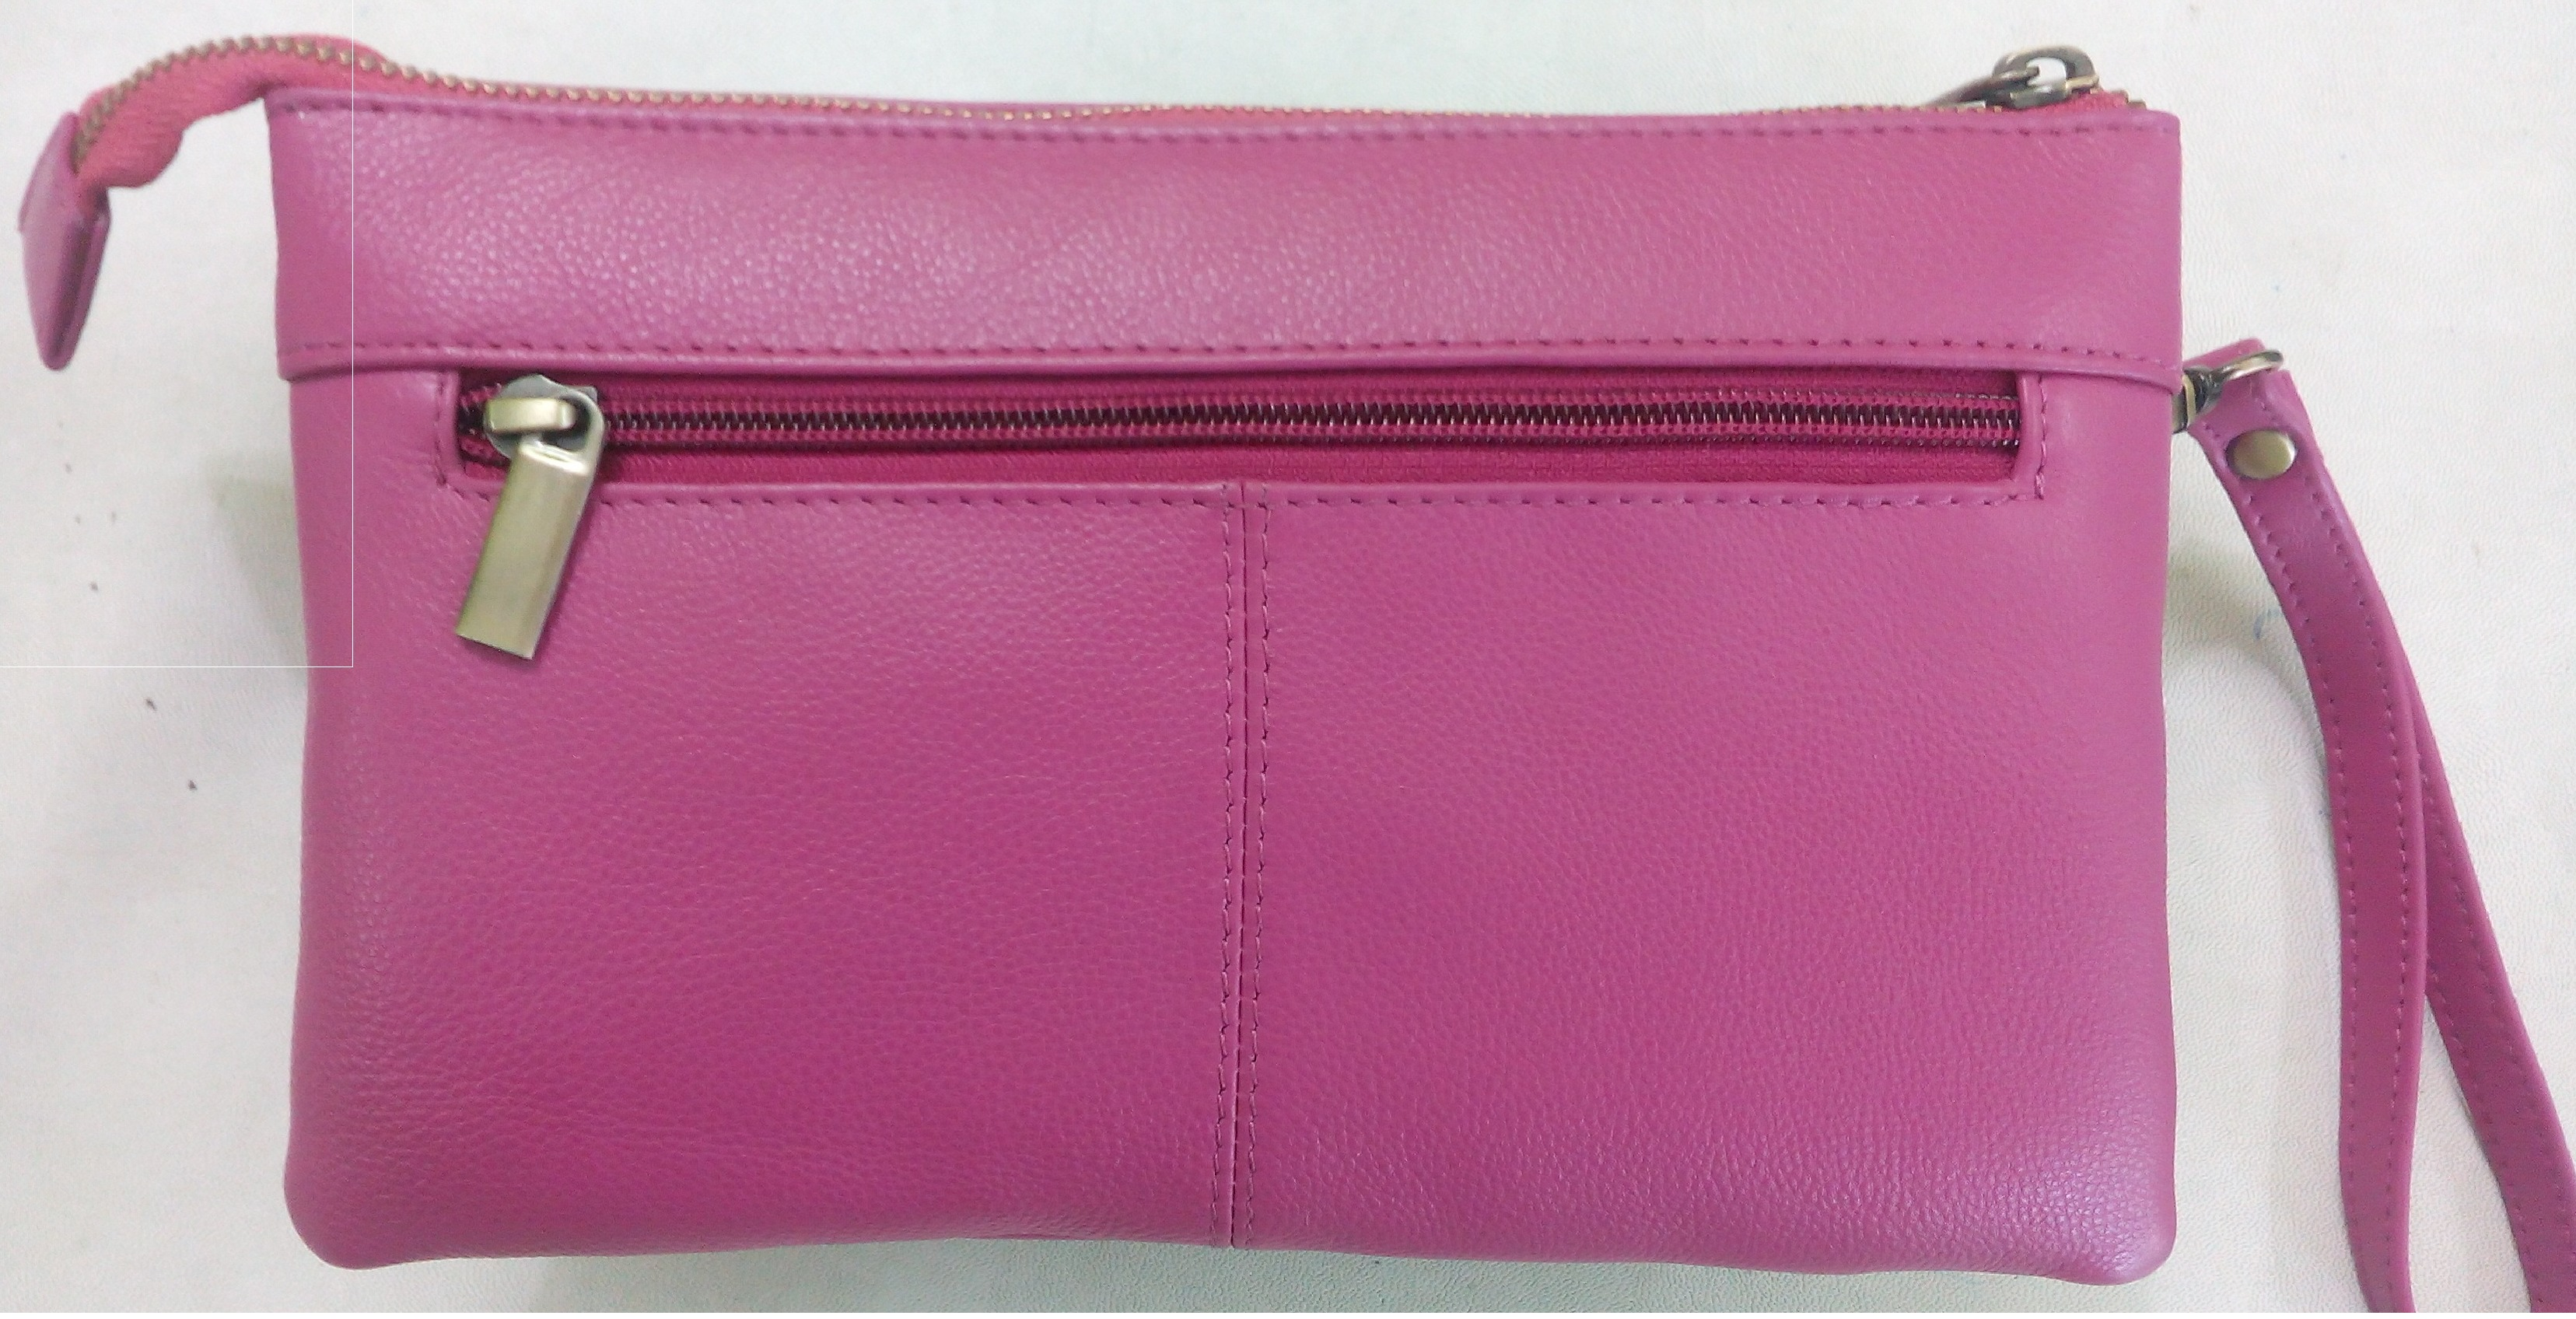 Leather Stylish Clutch Bag